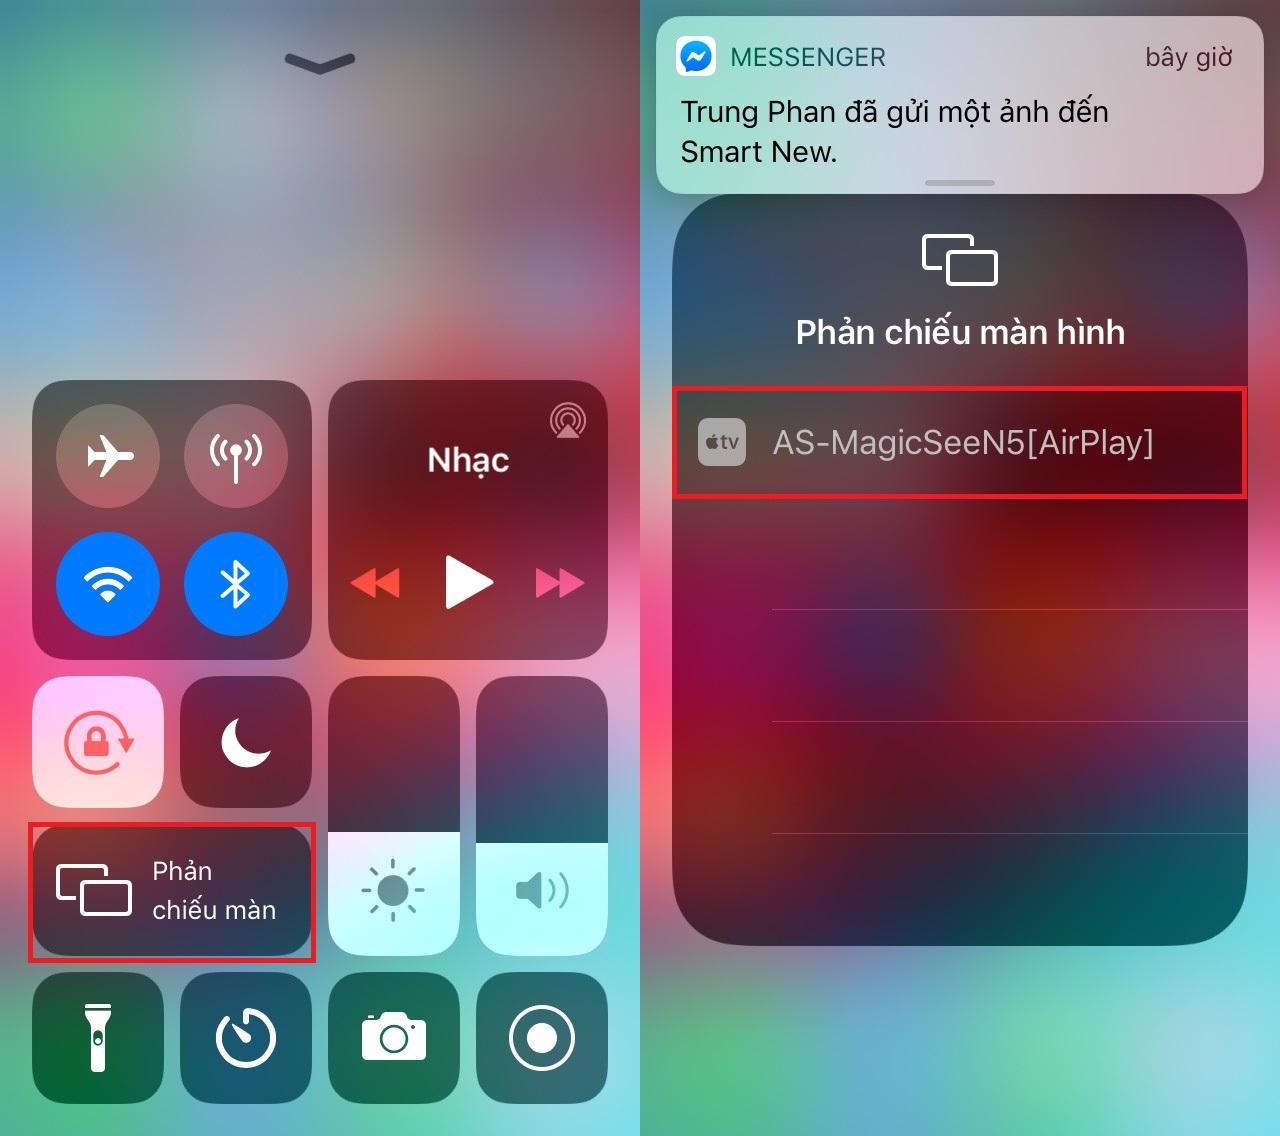 Giao diện hiển thị kết nối trên IPhone